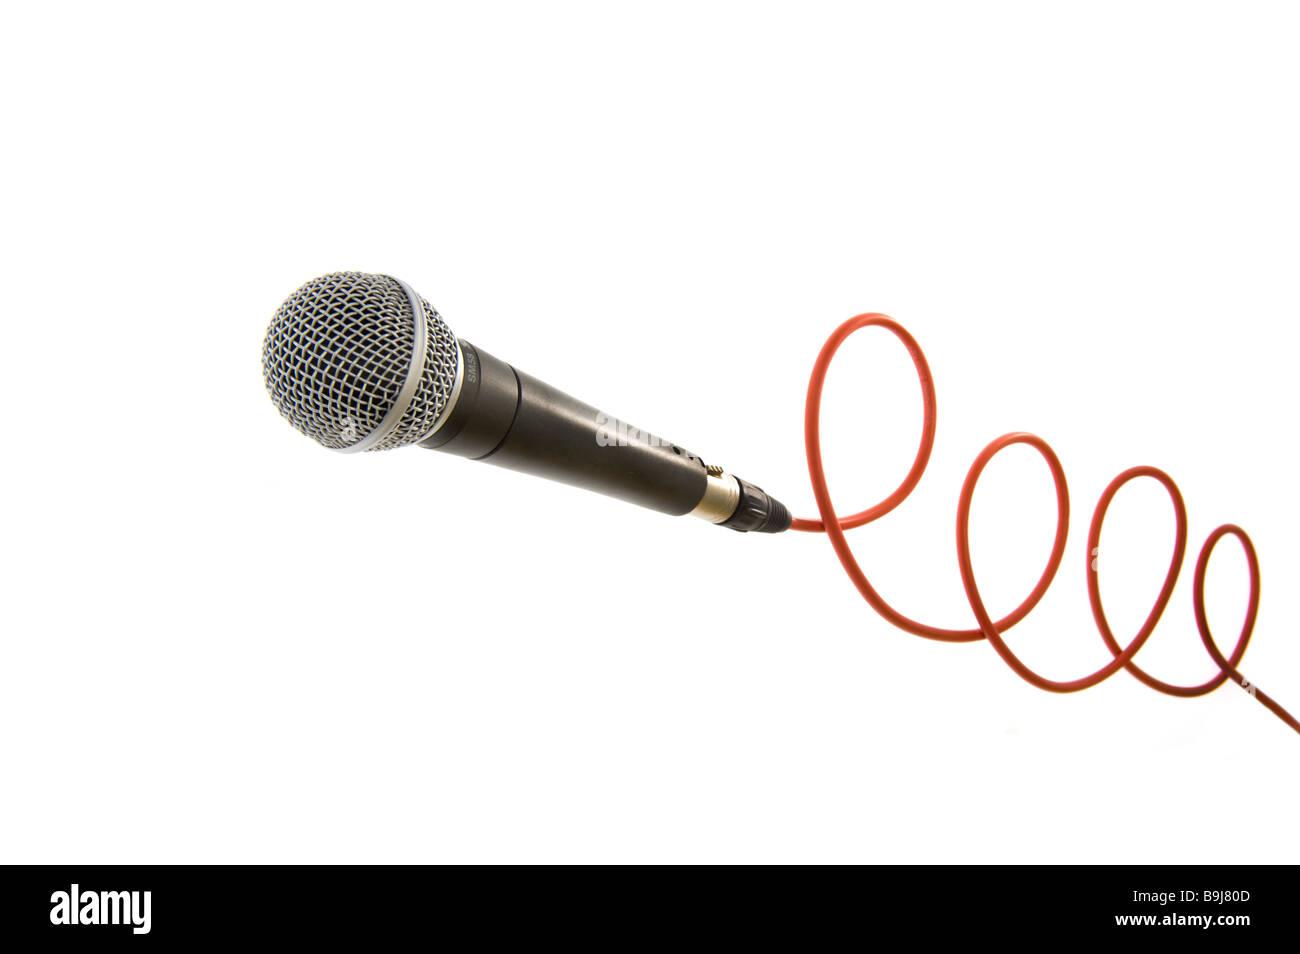 Micro microphone mic mikrophone mike avec ligne rouge sur le fil de câble connexion connexion ligne singer Photo Stock